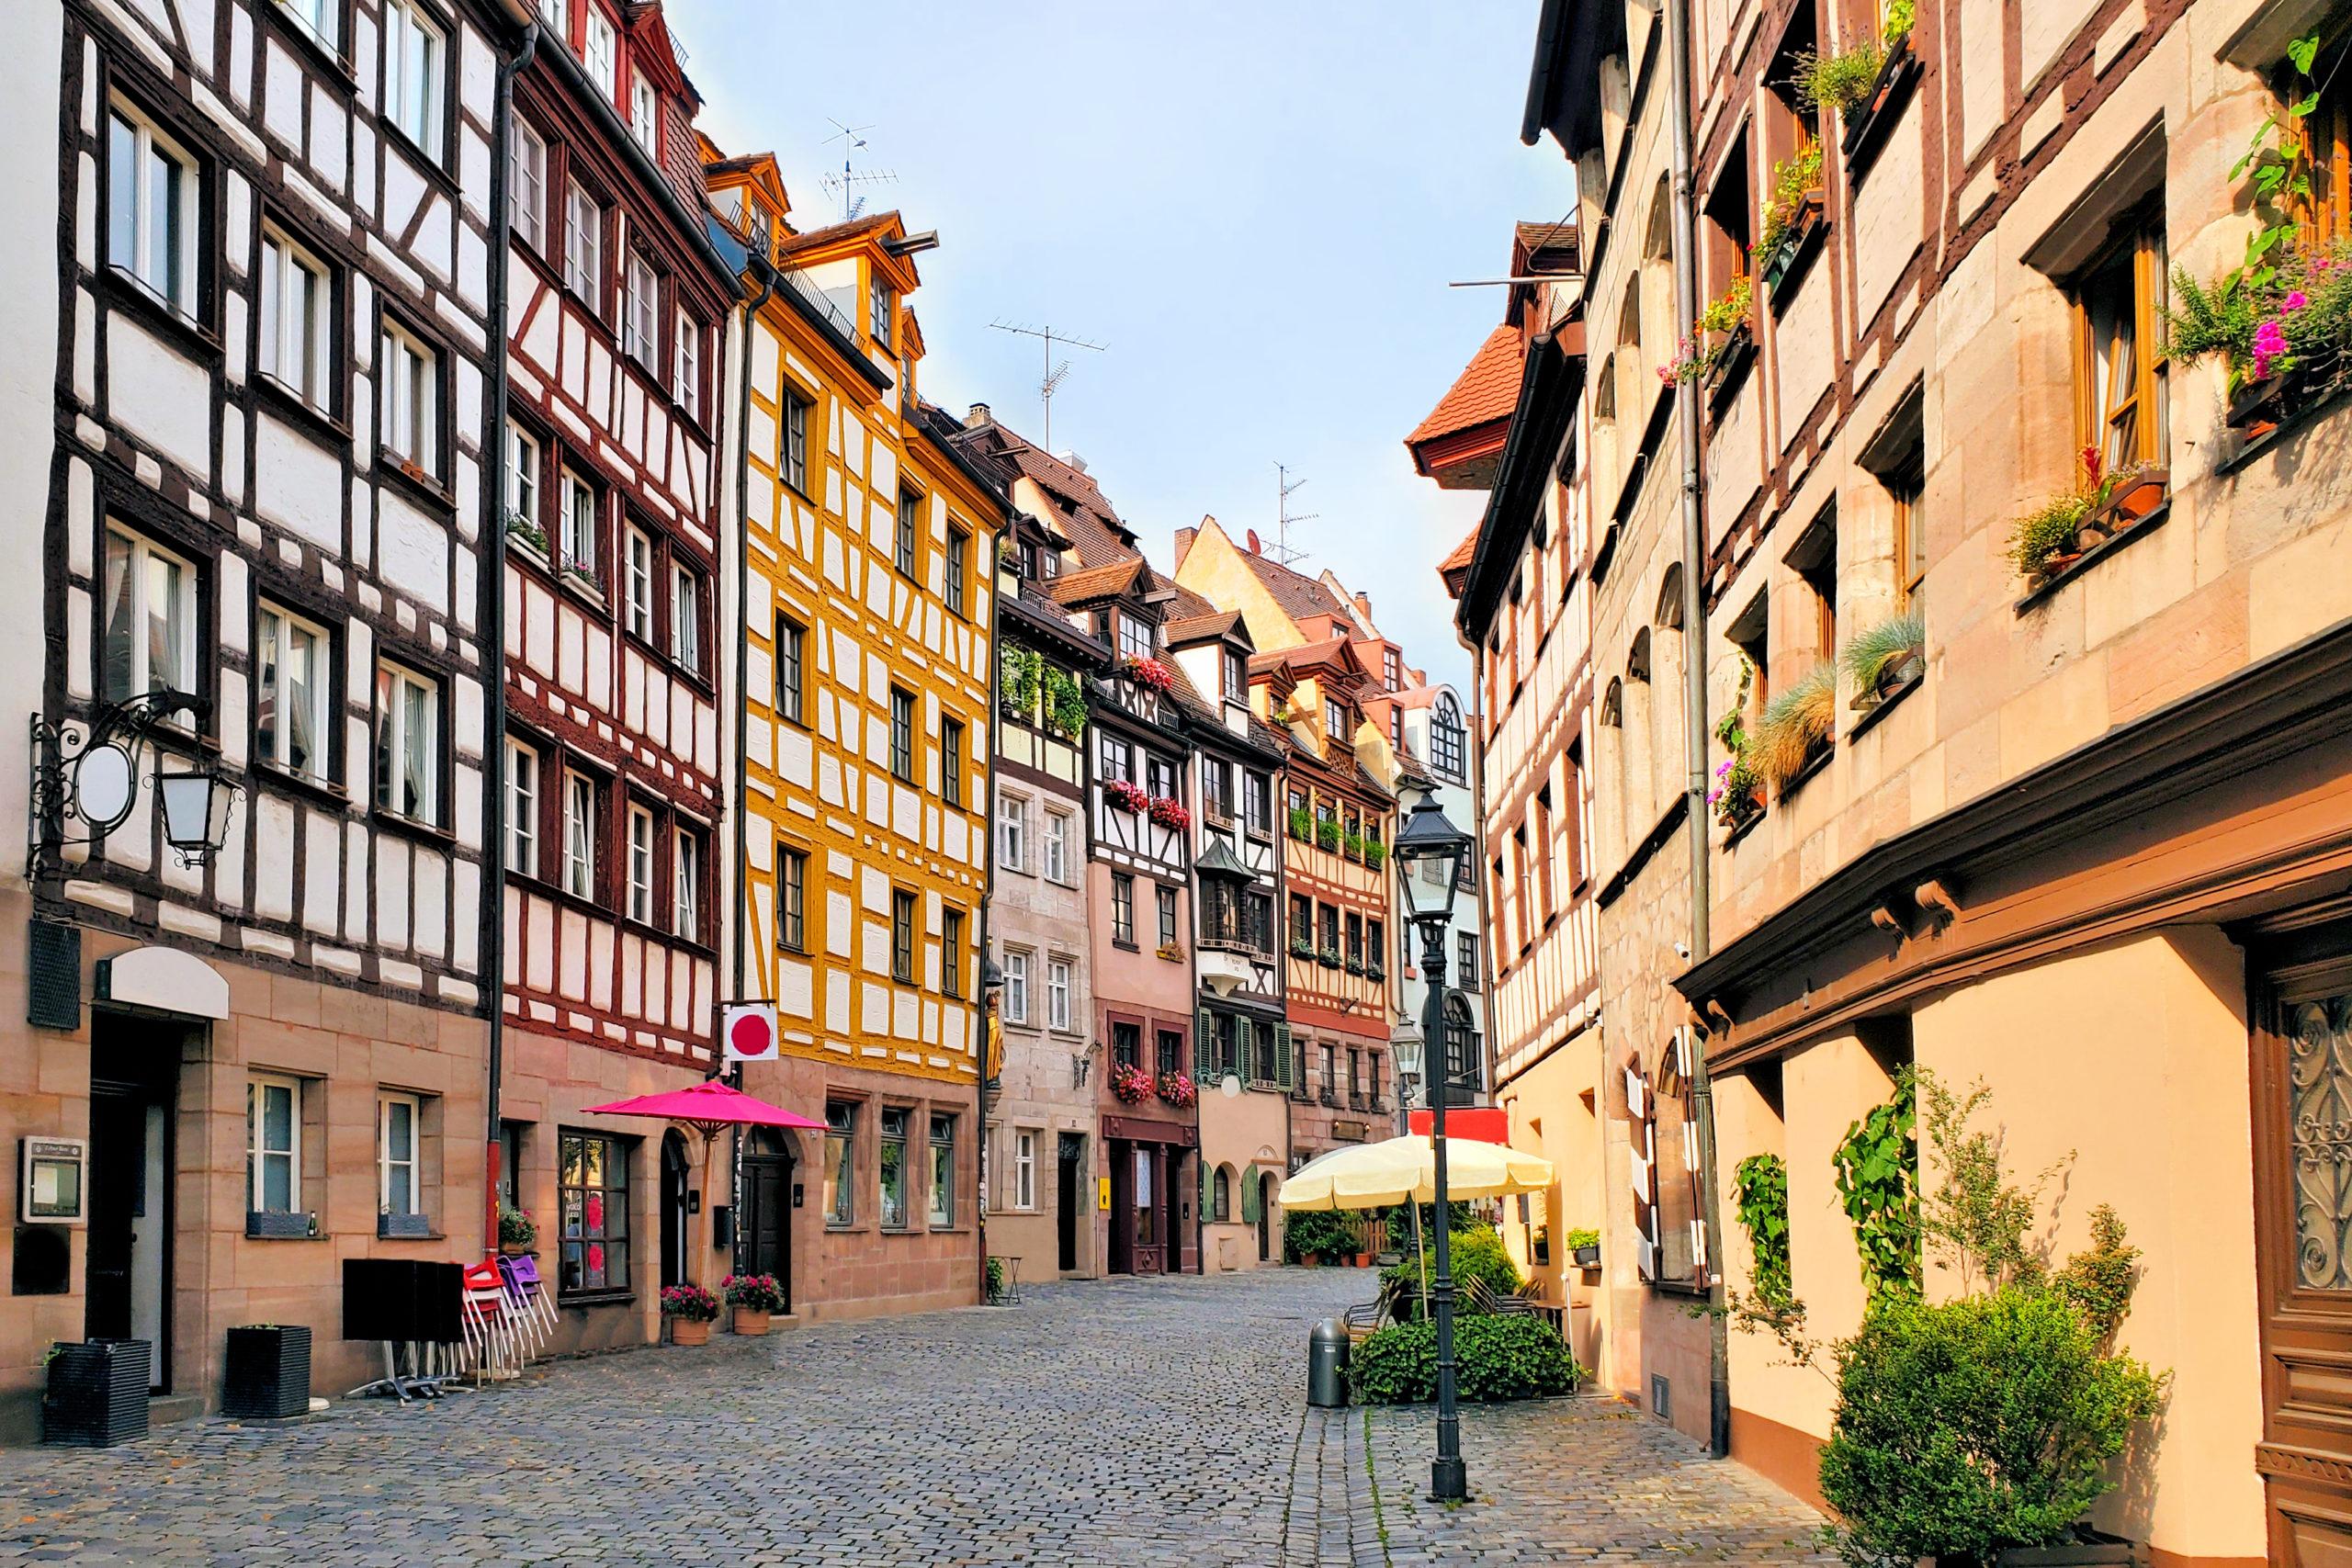 Straße mit schönen Häusern in der Altstadt von Nürnberg